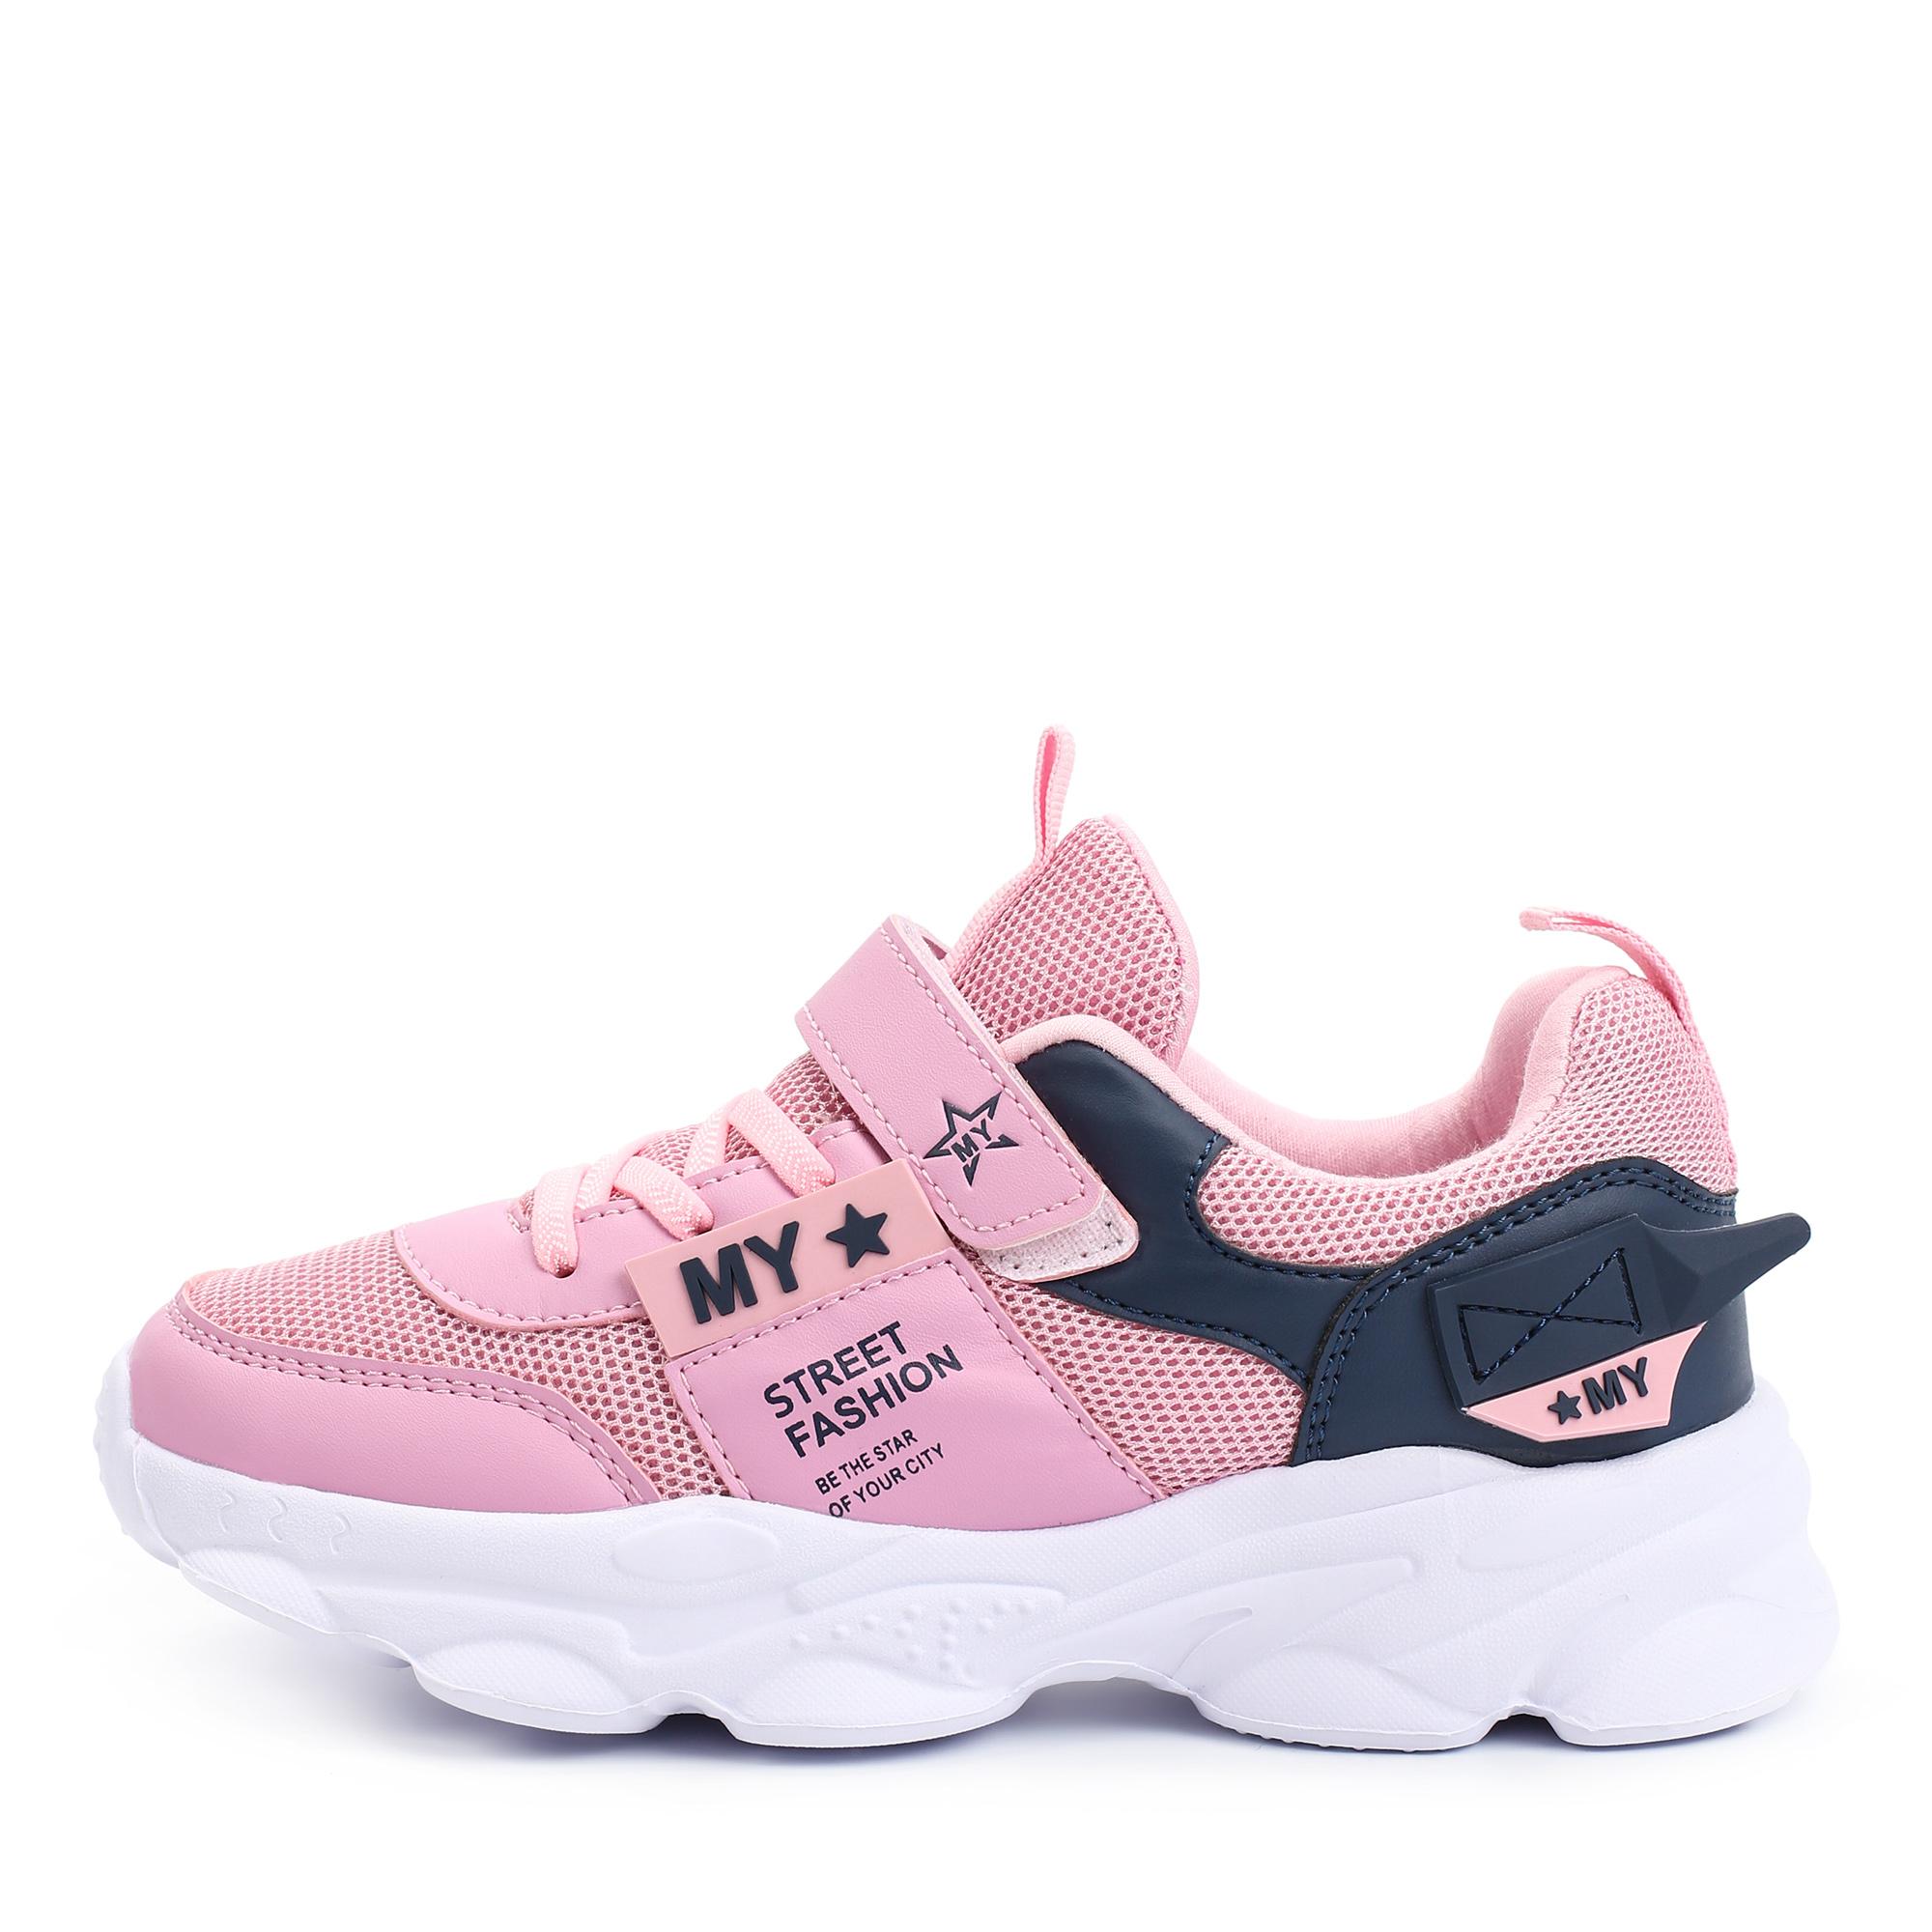 Обувь для девочек MUNZ YOUNG 268-329B-2606